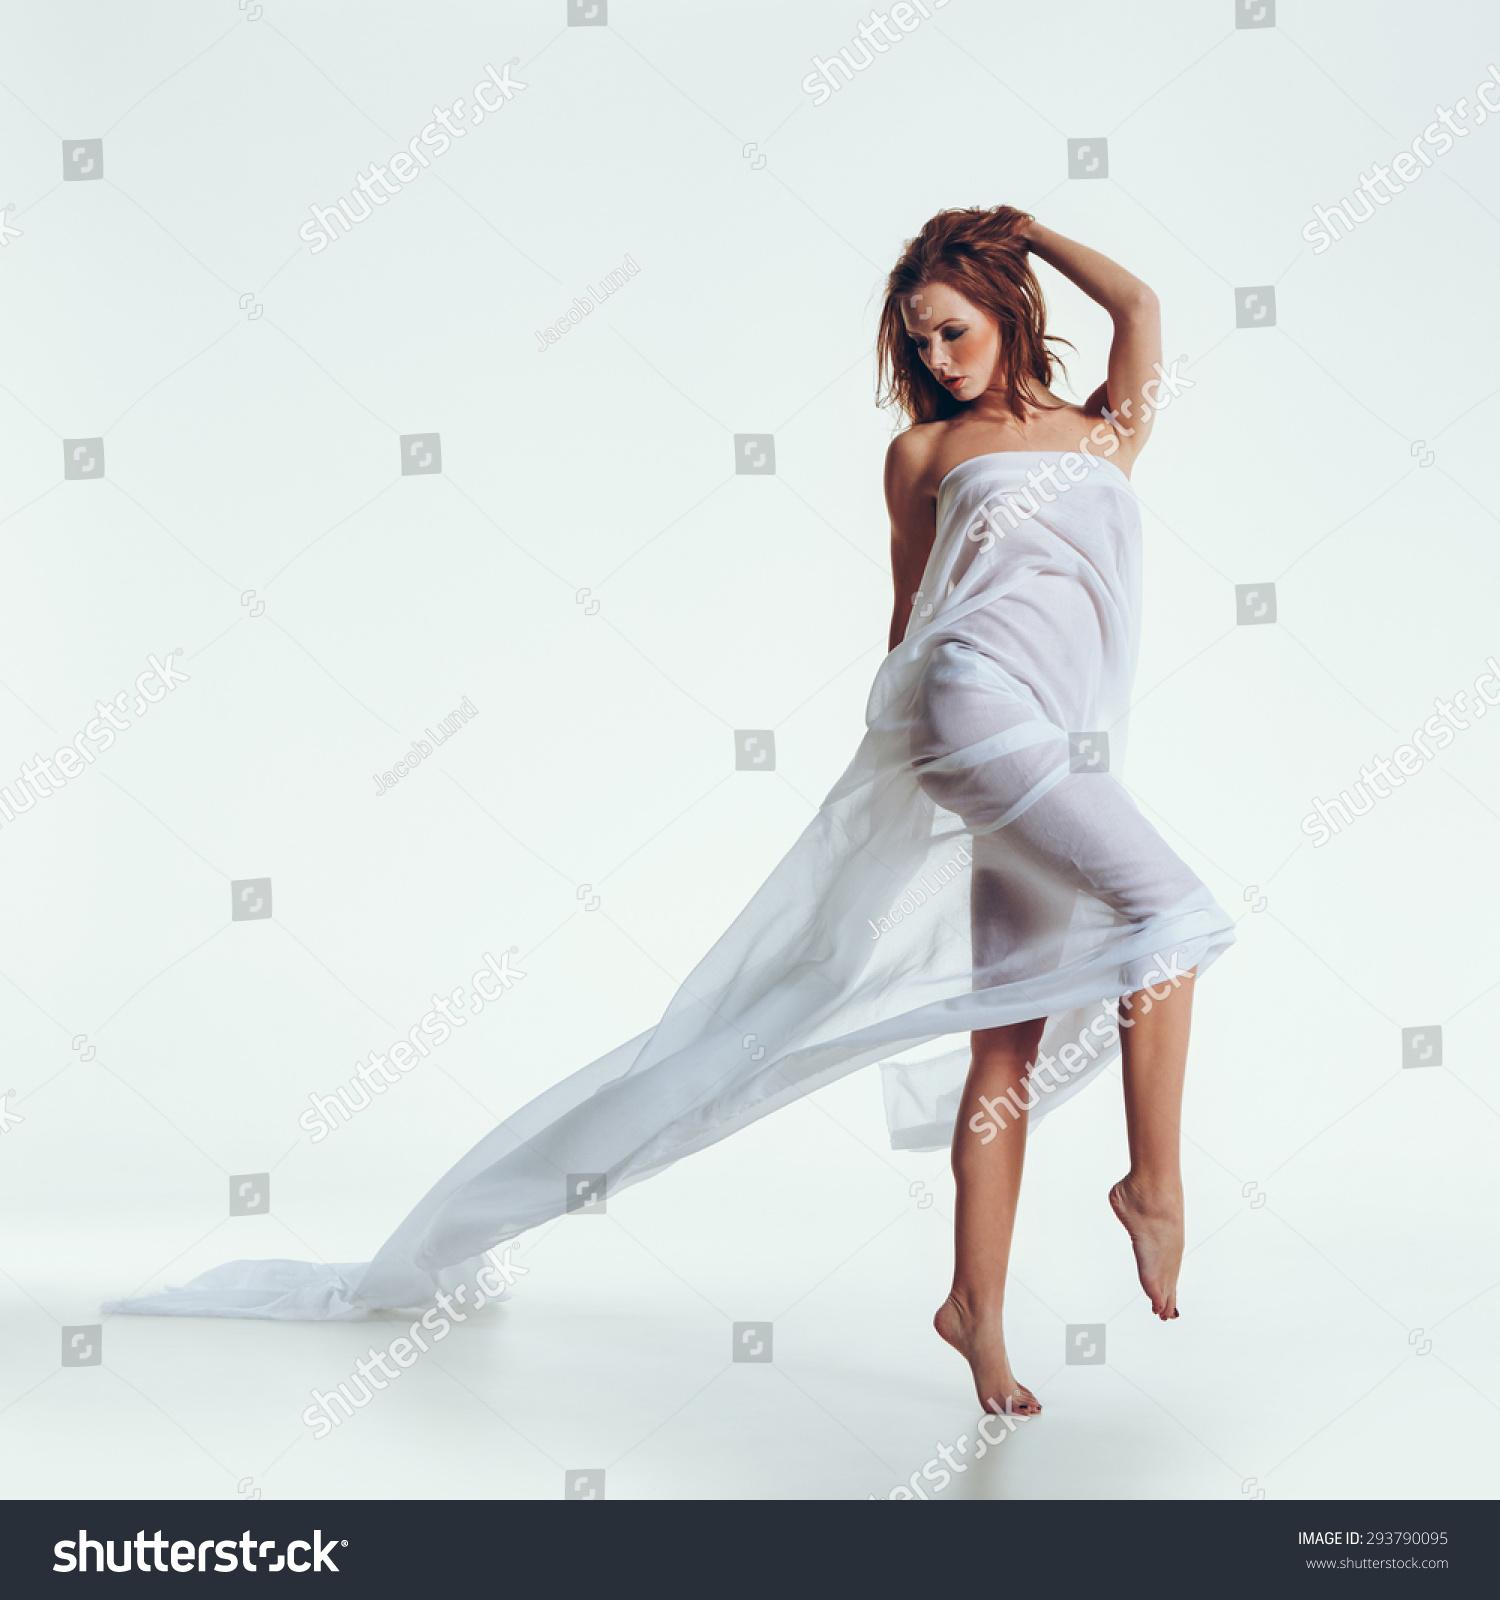 Similar Full length nude model congratulate